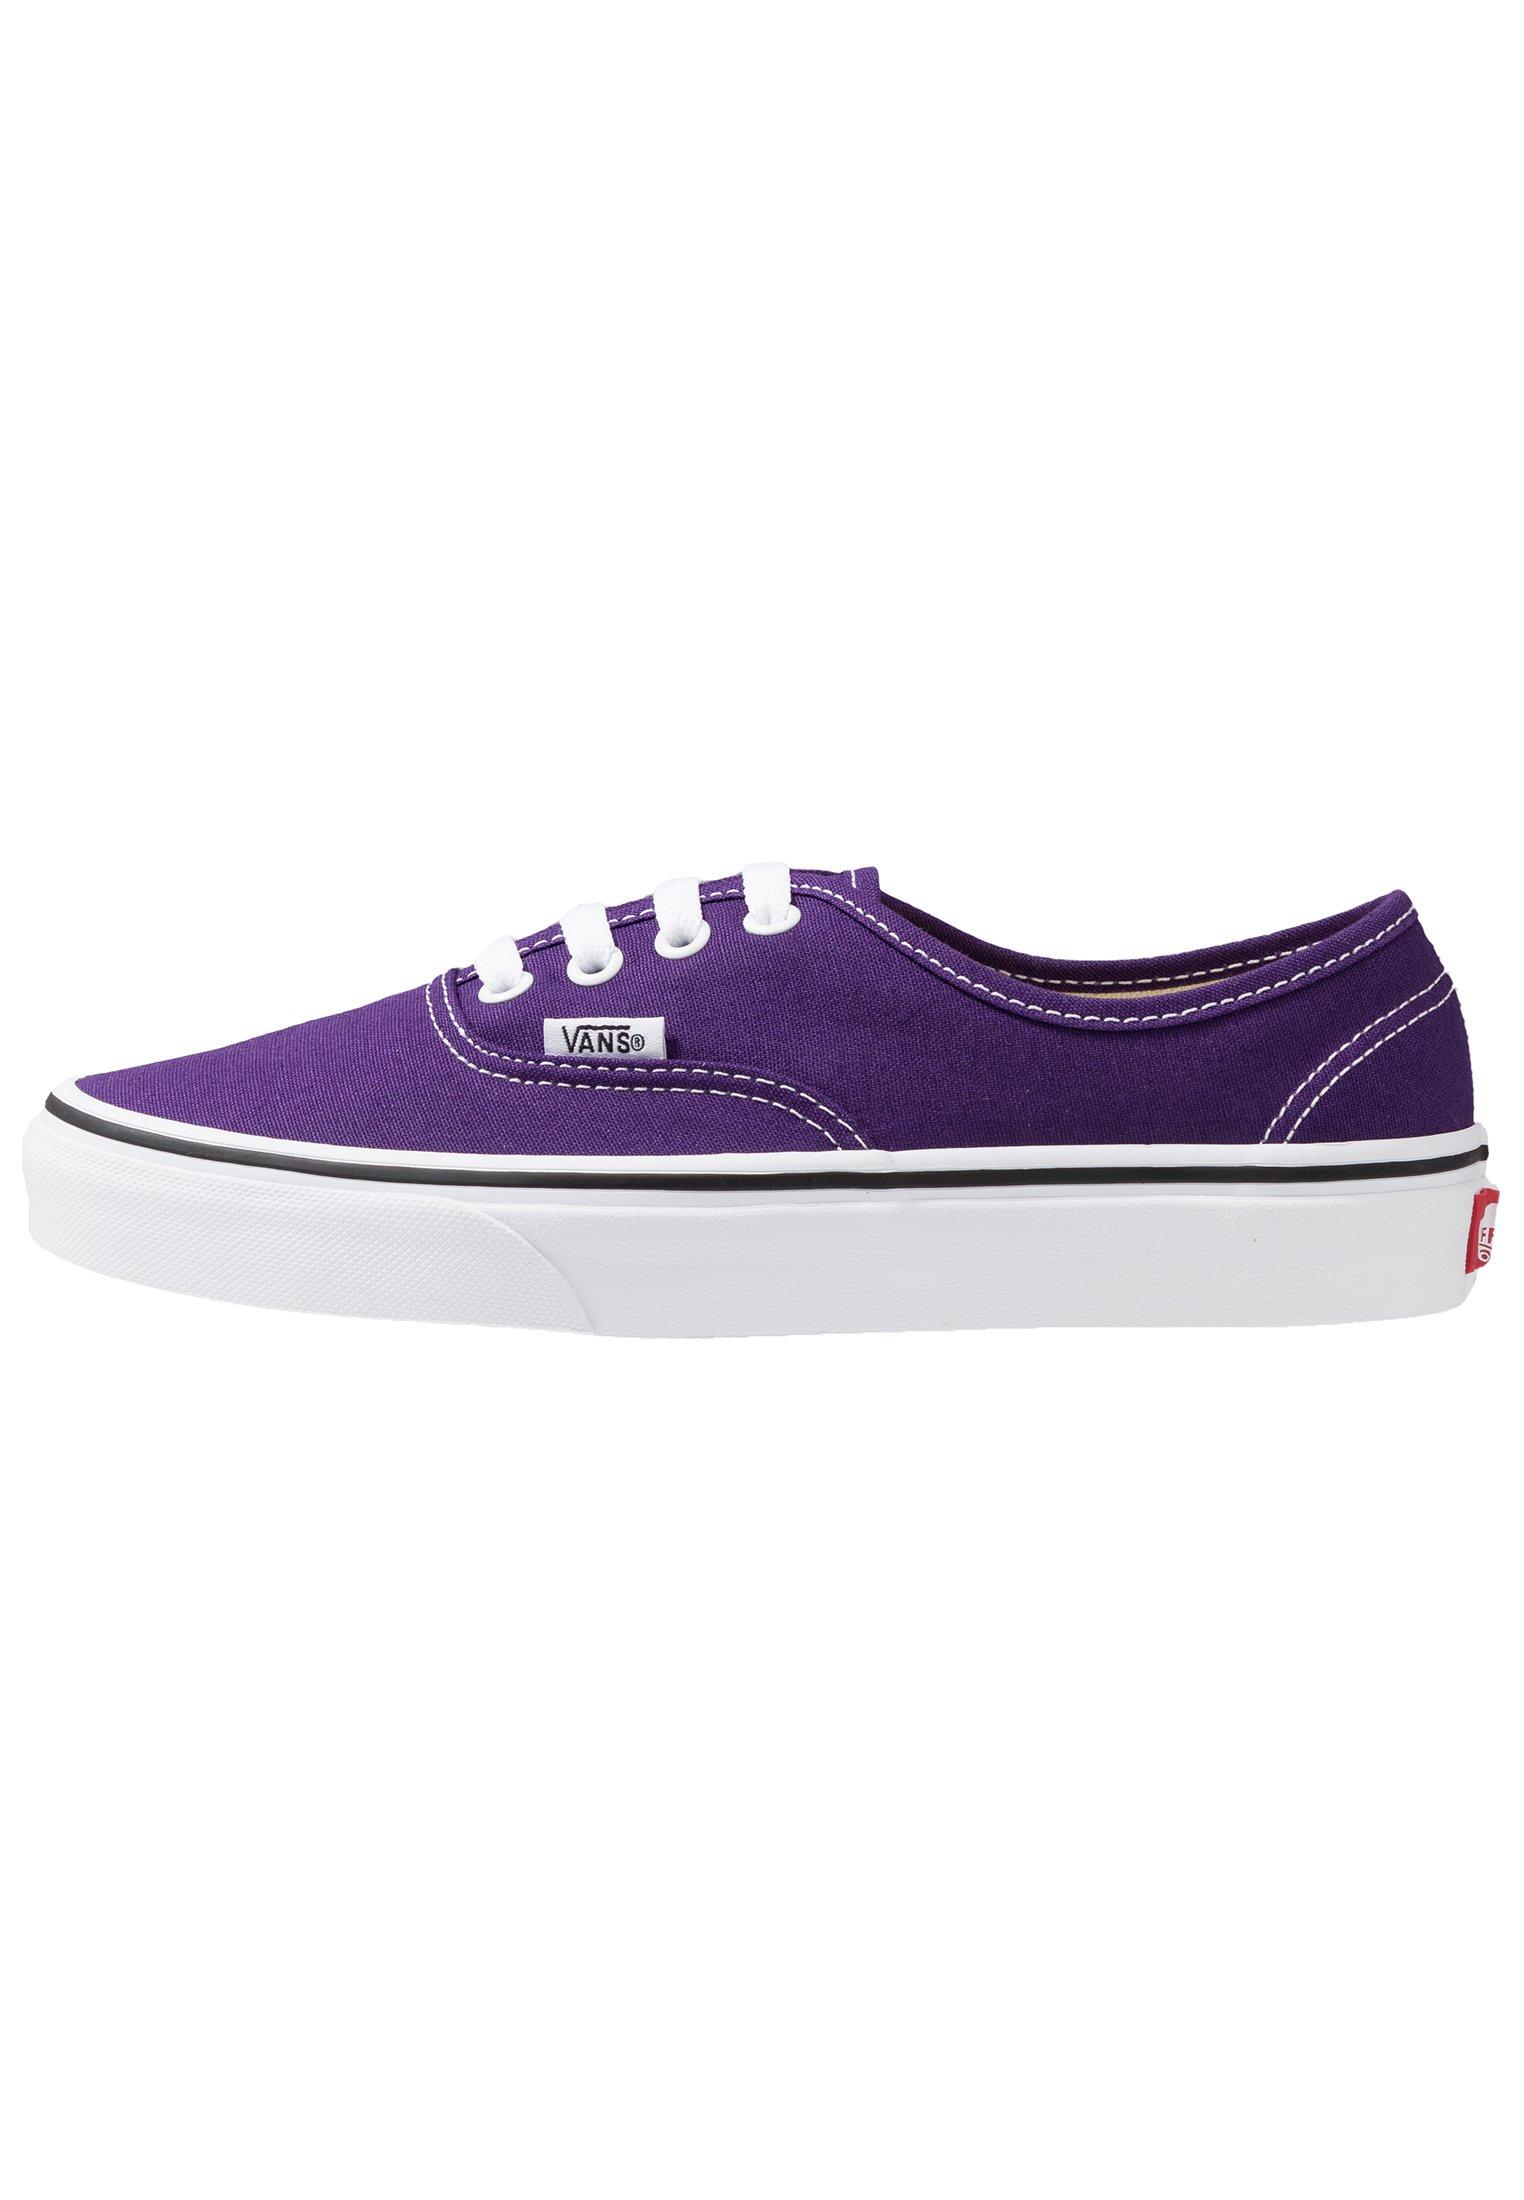 Vans Authentic Violet Indigo True White